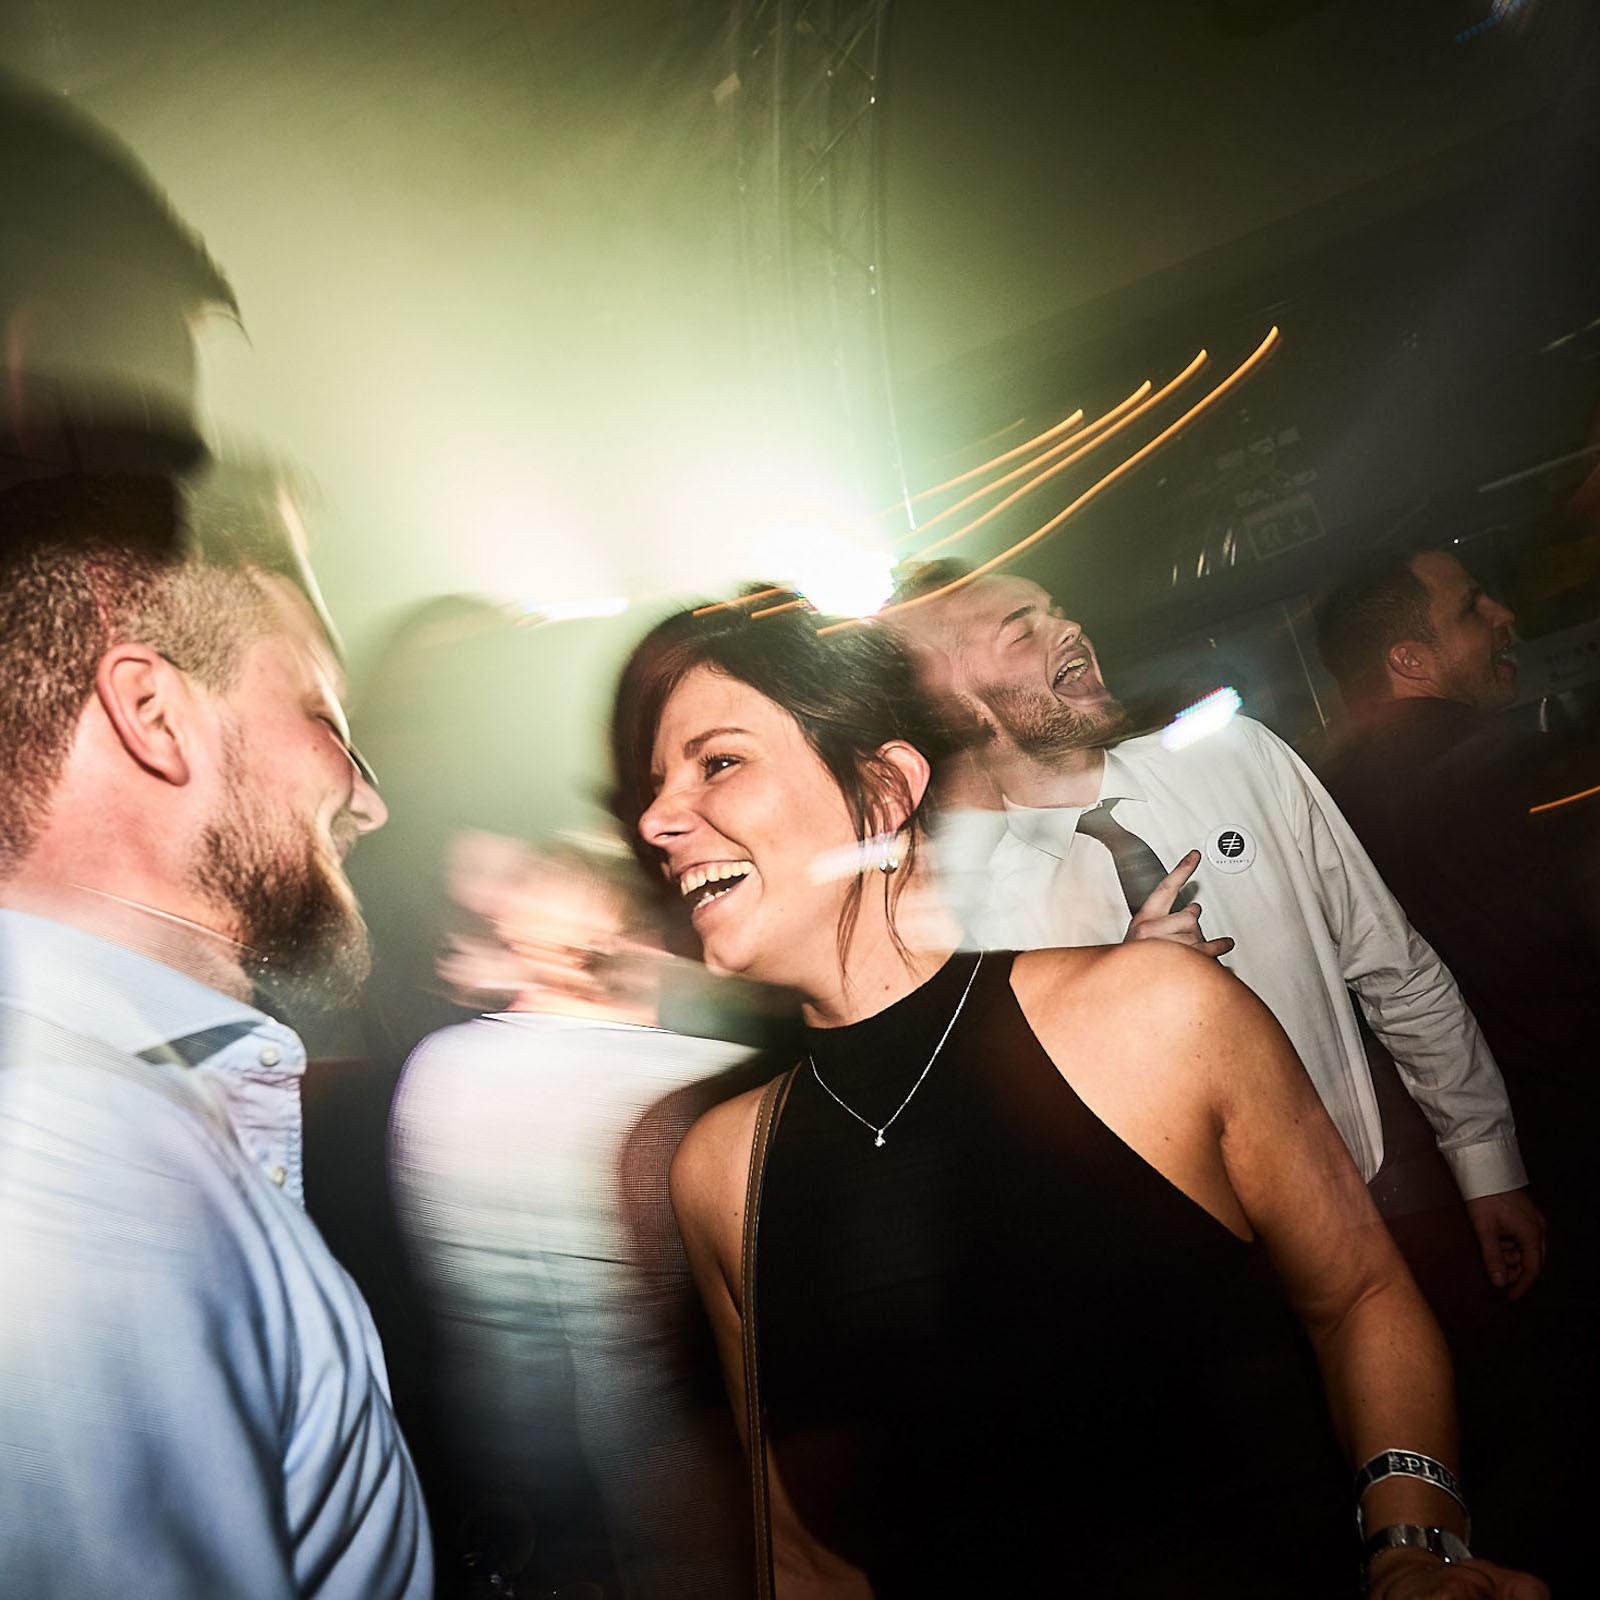 DJane | DJ | Hannover | Glitzerplatte | Gesang | Sängerin | Club | Wedding | Hochzeit | Party | Event | Messe | Charity | Gala | Buchen | Mieten